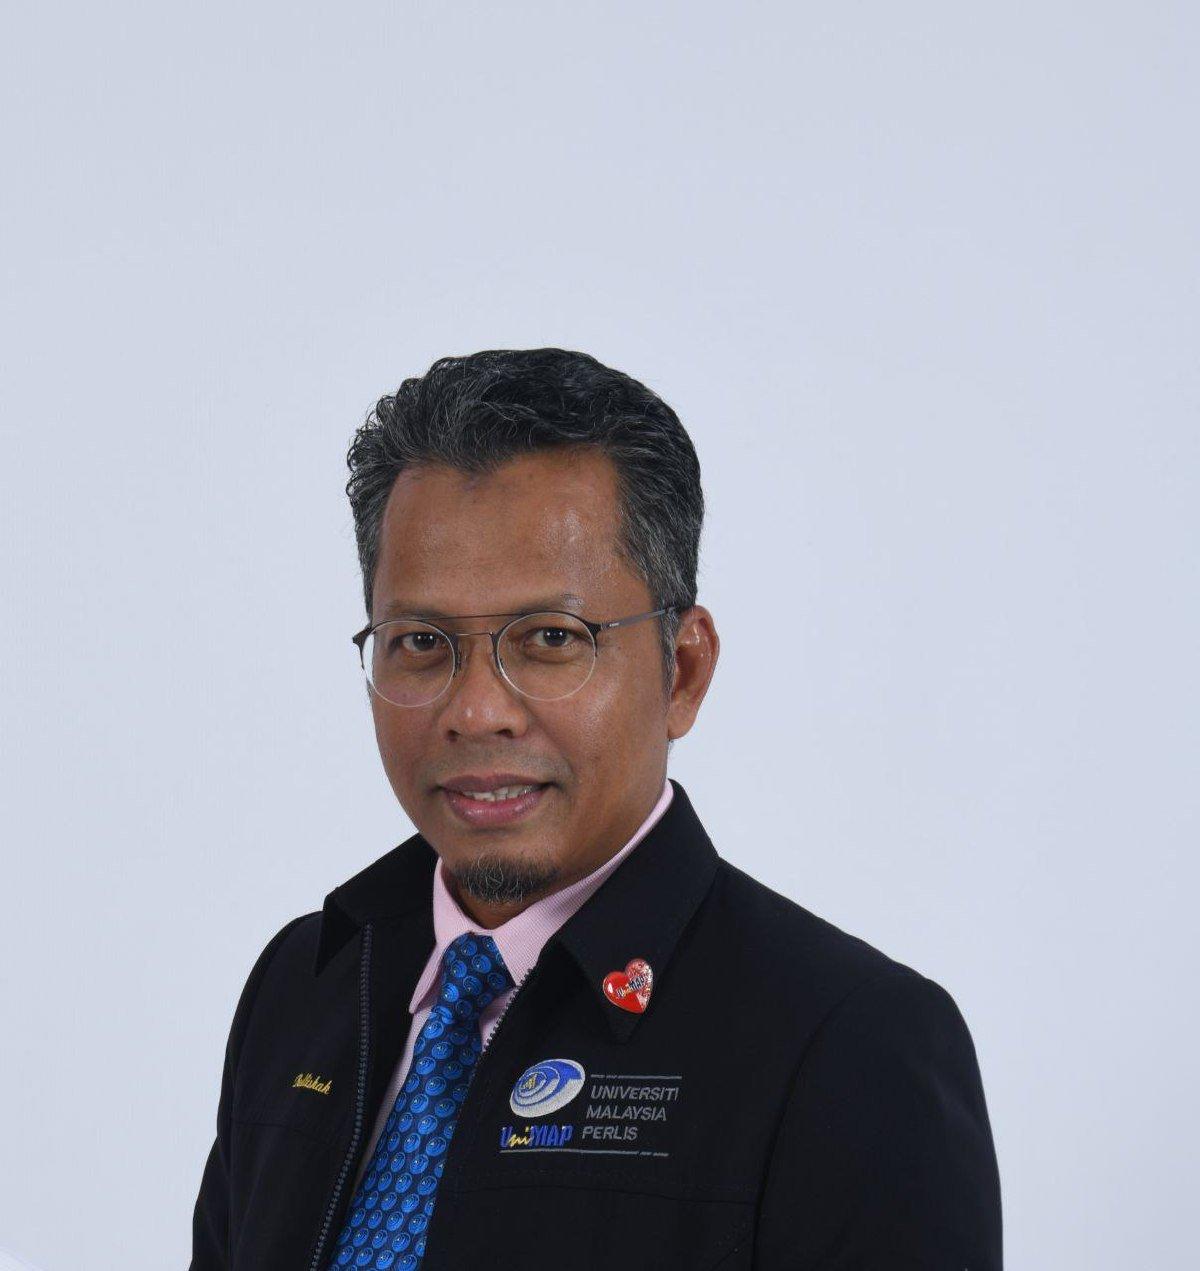 NAIB Canselor UniMAP, Prof Ir Dr R Badlishah Ahmad menyatakan UniMAP sentiasa memastikan kaedah baharu pengajian diteruskan tanpa sebarang masalah biarpun ketika ini dunia sedang menghadapi krisis kesihatan.